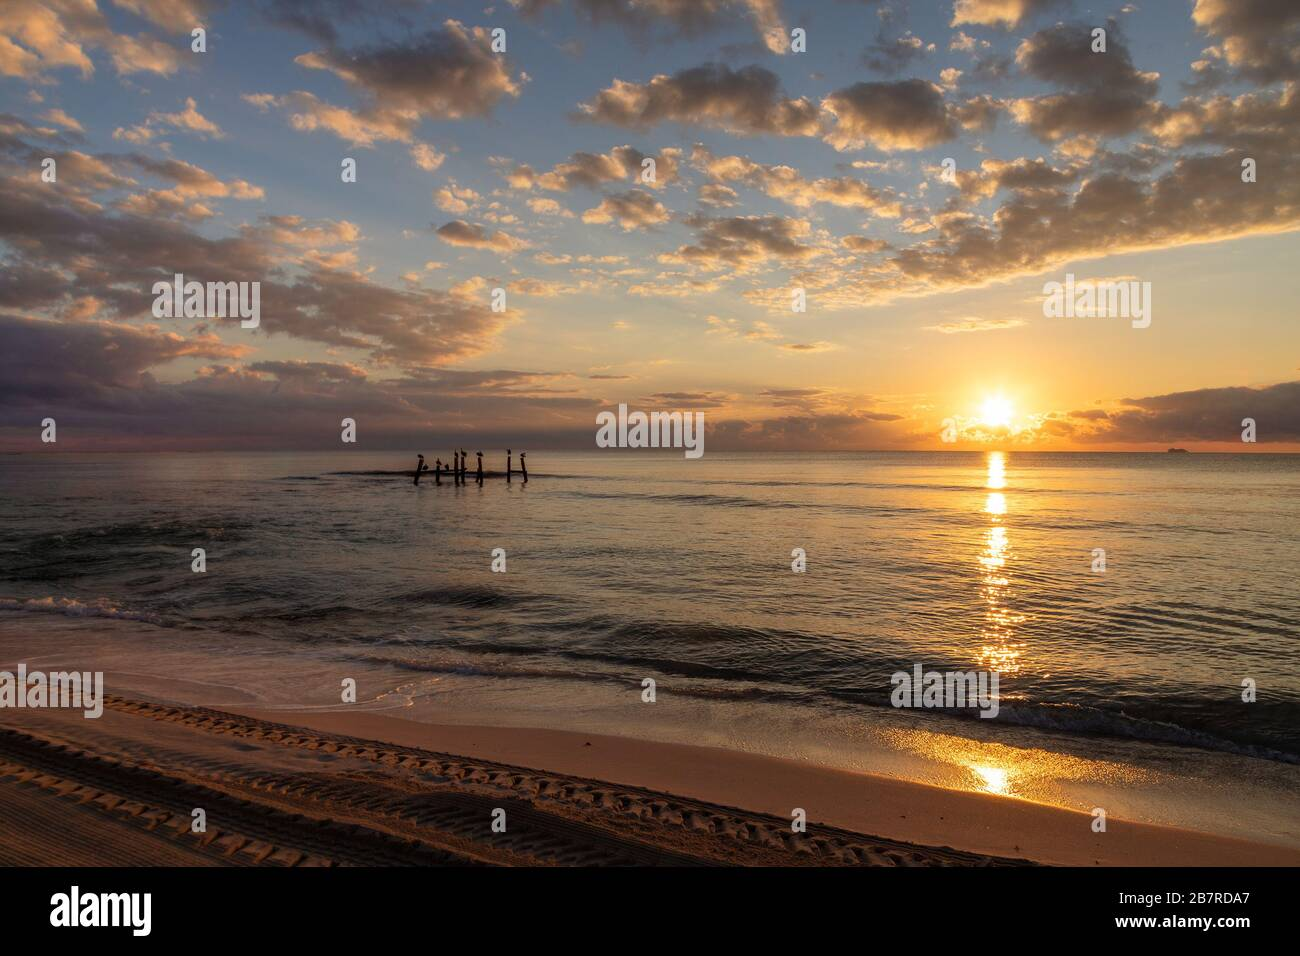 Magnifique lever de soleil près de la plage à Cancun, au Mexique, avec des reflets dorés et une silhouette d'oiseaux de mer sur des poteaux en bois sur la mer des Caraïbes. Banque D'Images